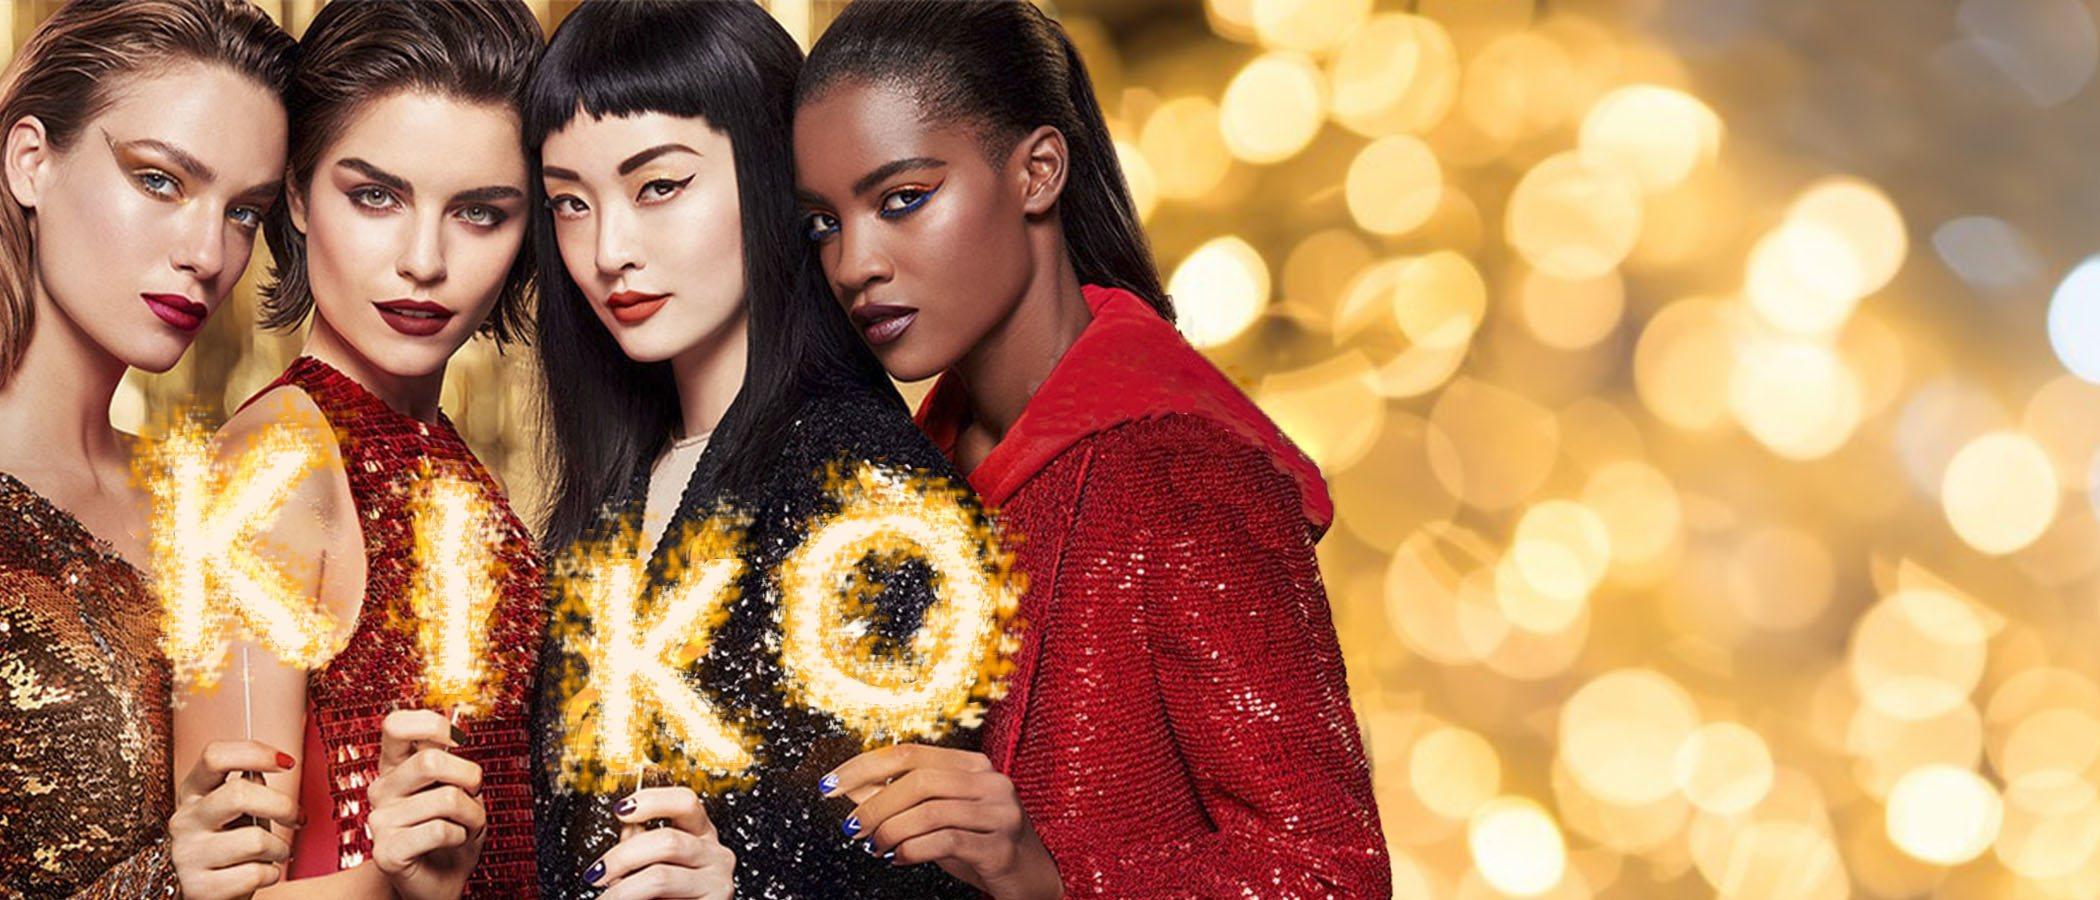 Kiko se prepara para la campaña de Navidad con su nueva colección de maquillaje 'Sparkling Holiday'